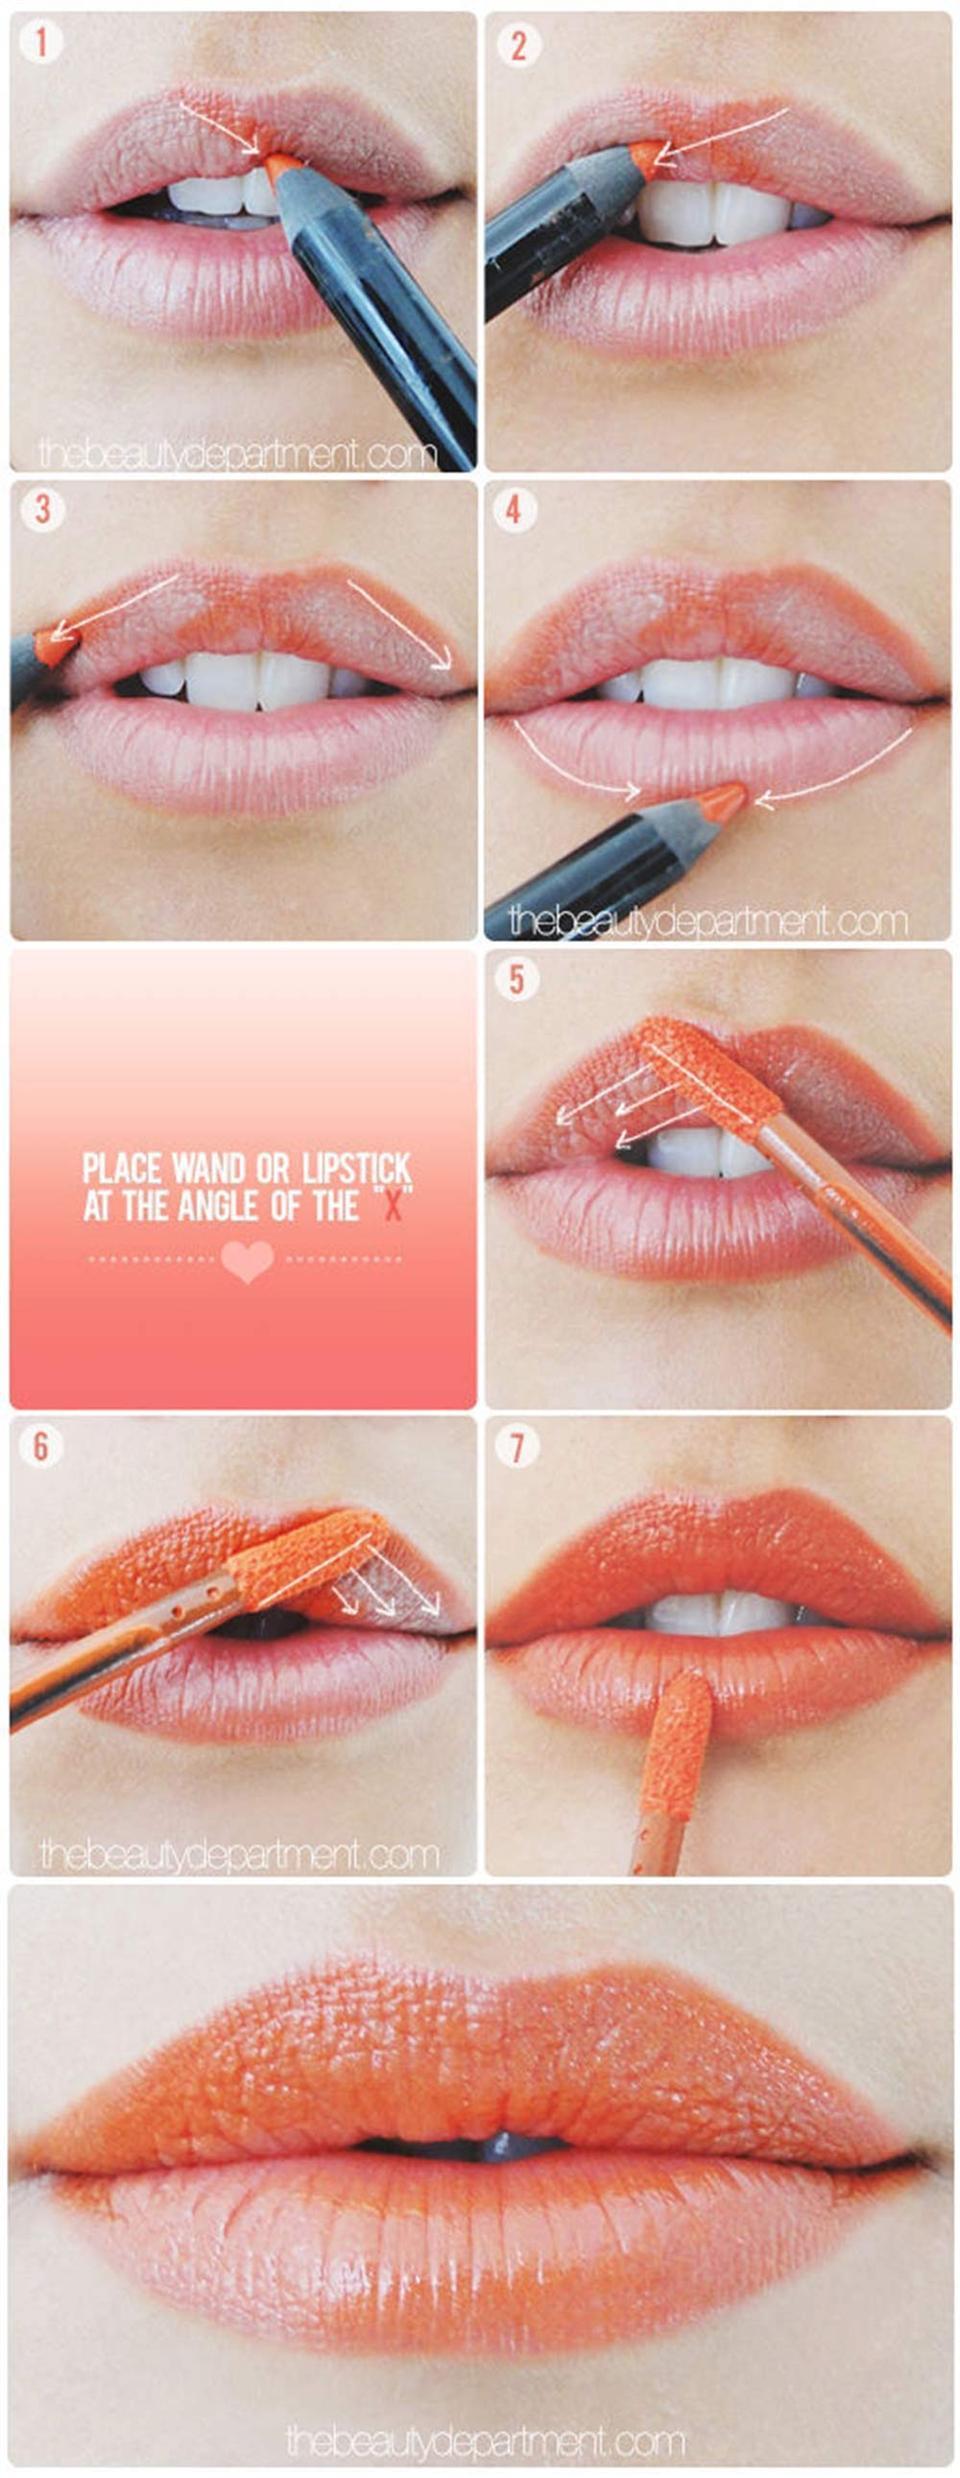 Tô môi thật chuẩn với phương pháp chữ X